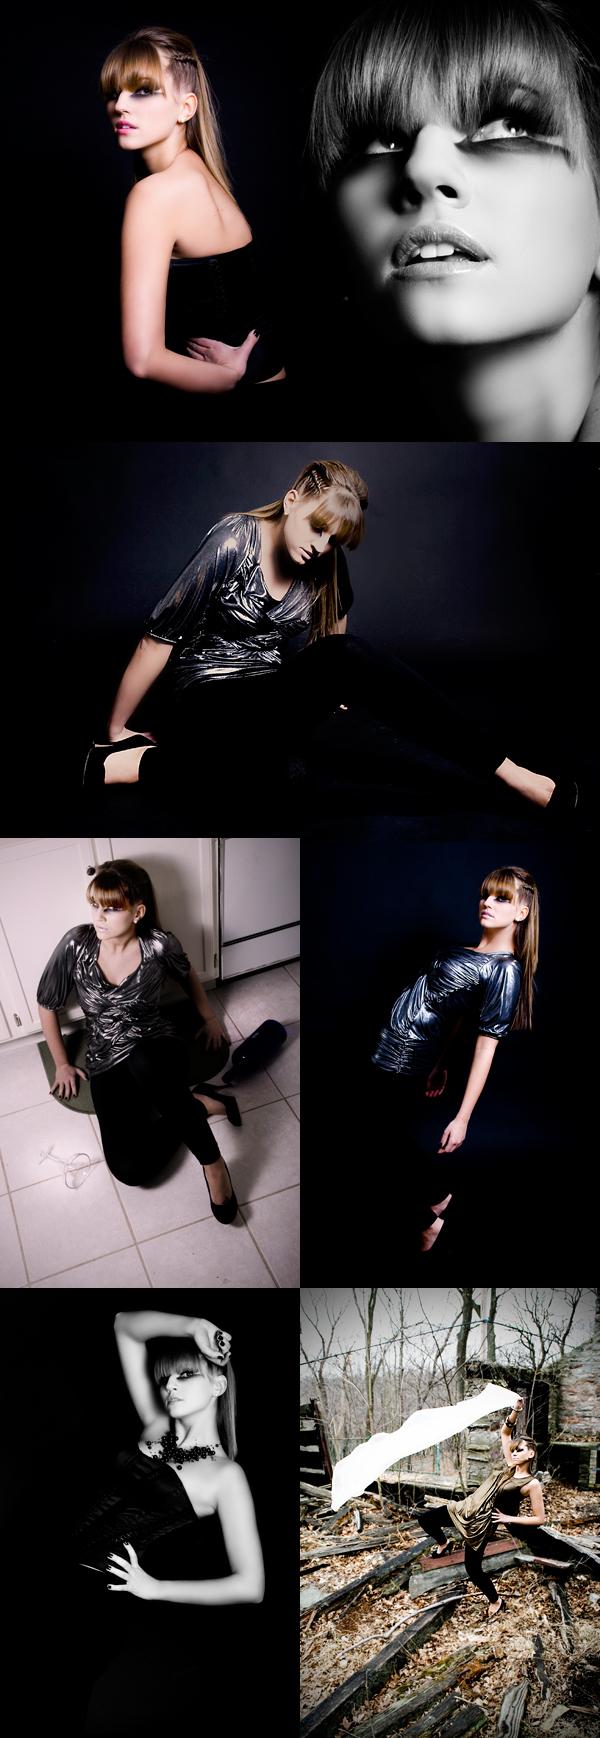 Female model photo shoot of Lenka Lukacova by Caitlin Thomas, makeup by Molly McMenamin